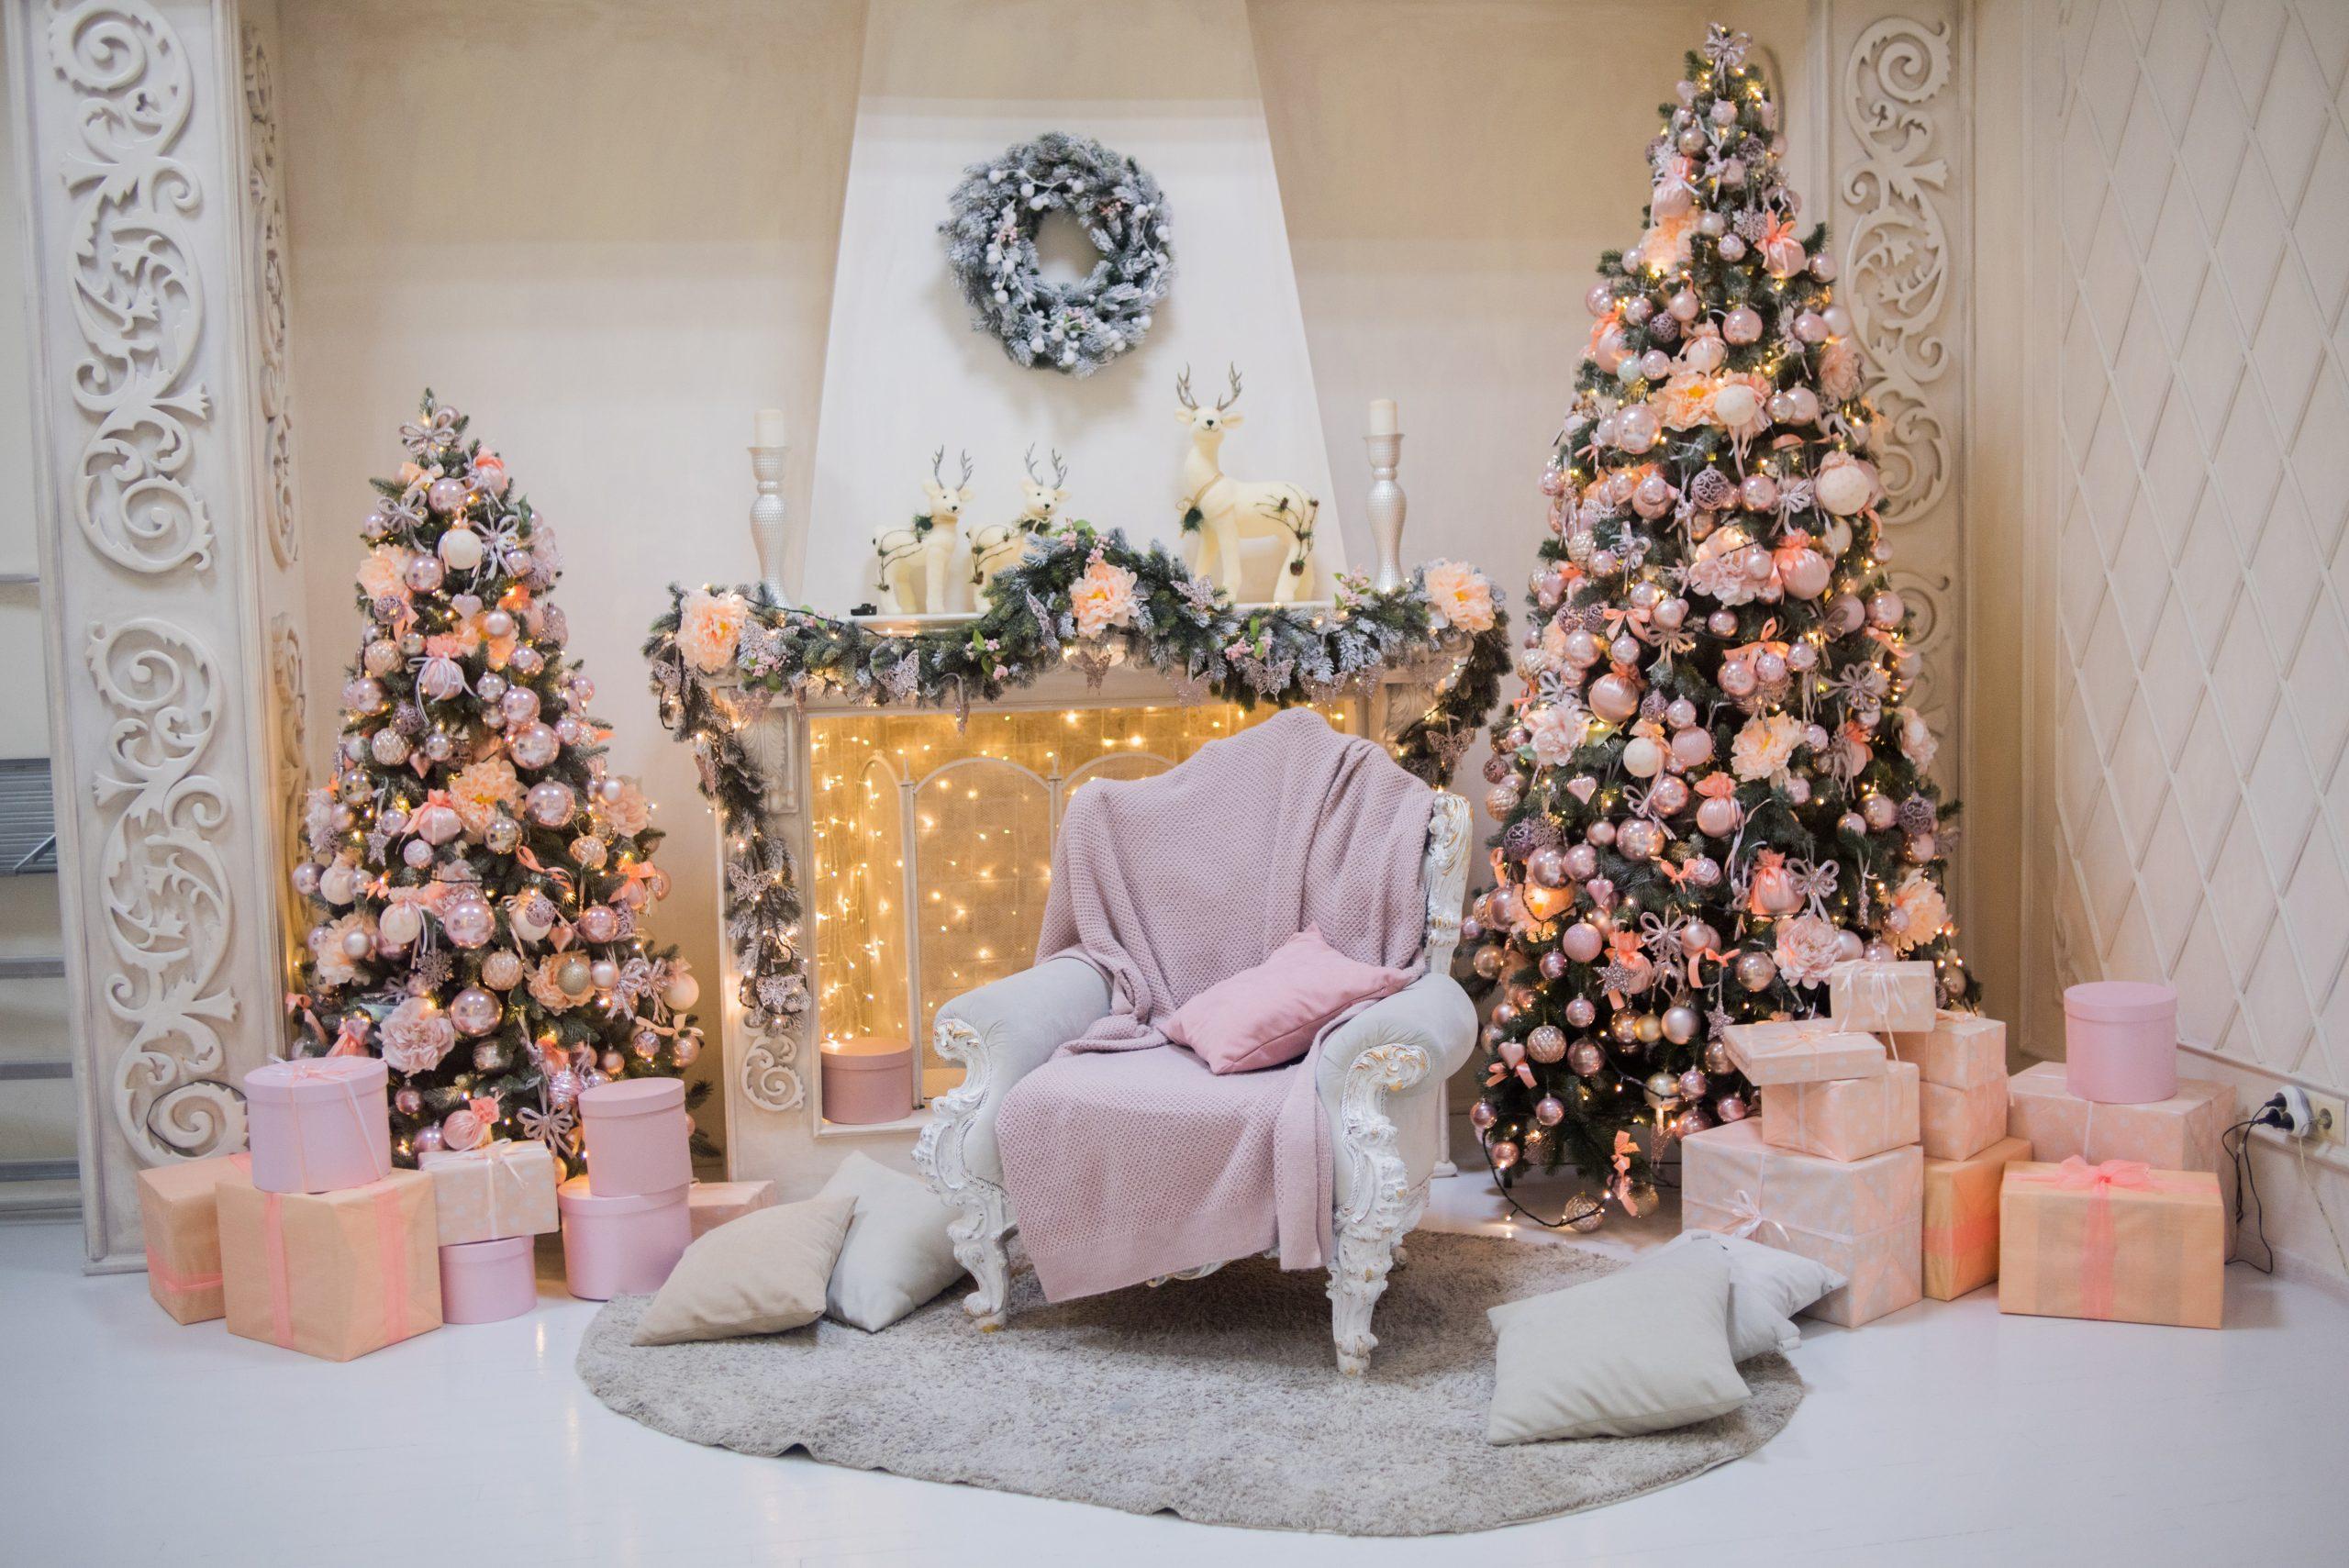 Árboles de Navidad: ¿Cuáles son los mejores del 2021?